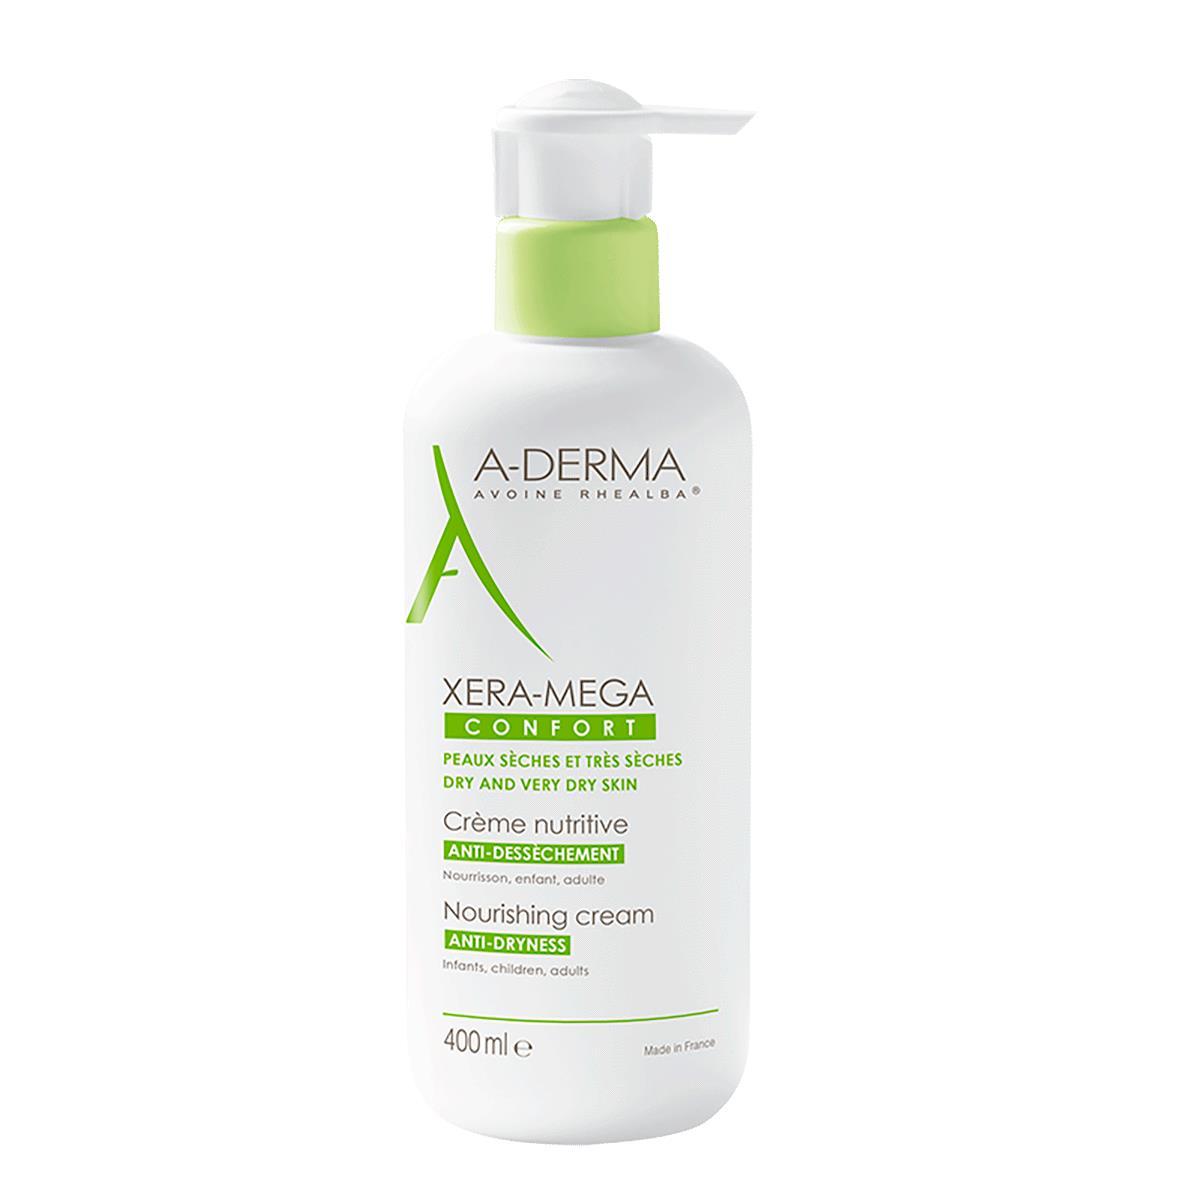 A-Derma Xera-Mega Confort Crema 400Ml